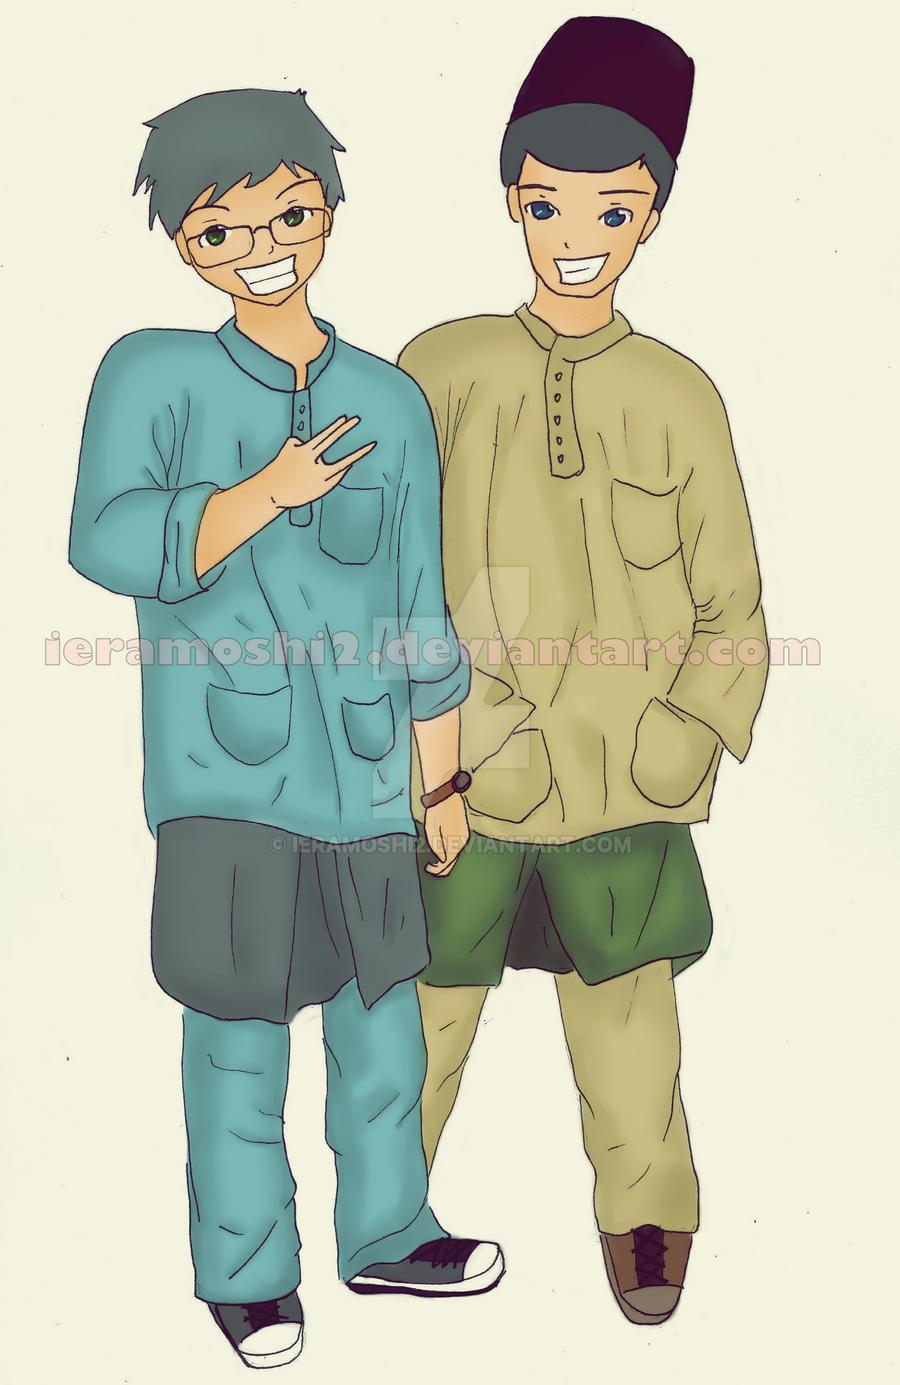 Baju Melayu by ieramoshi2